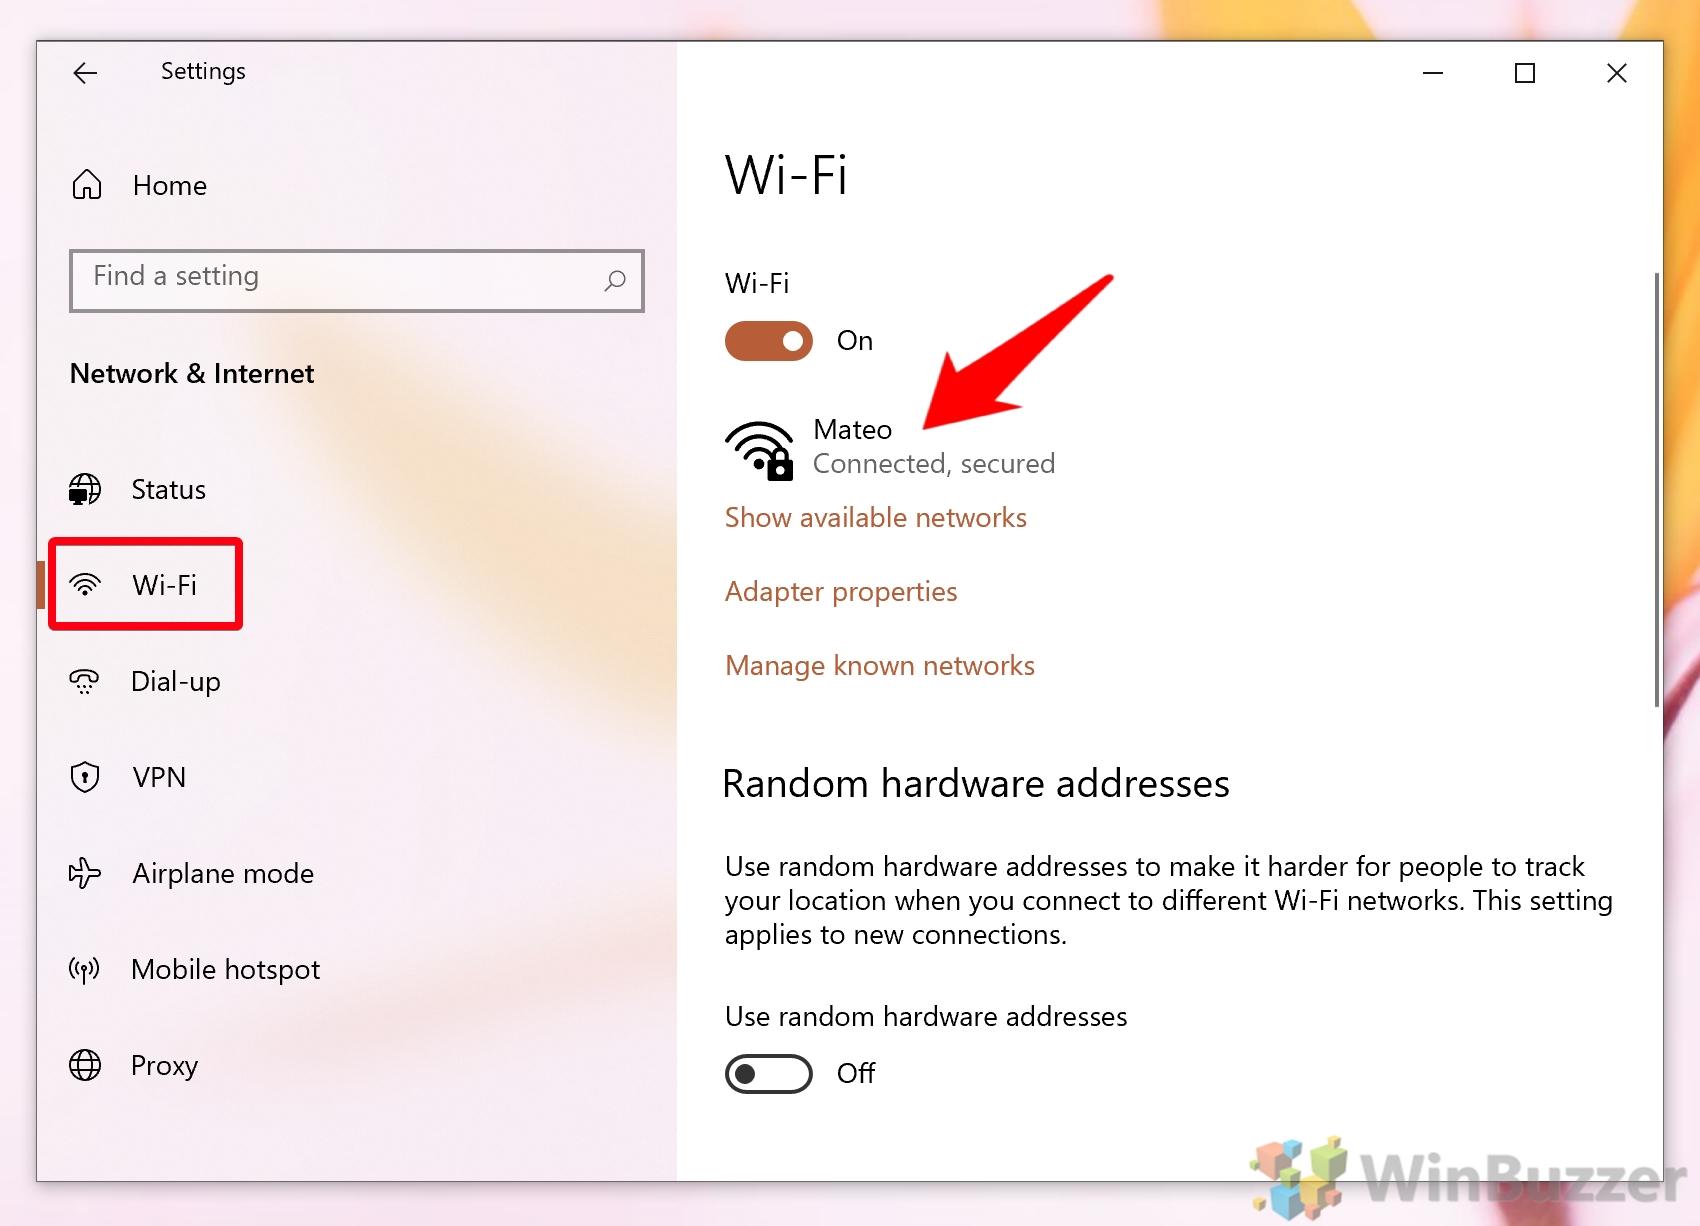 Windows 10 - Settings - Network & Internet - Wifi